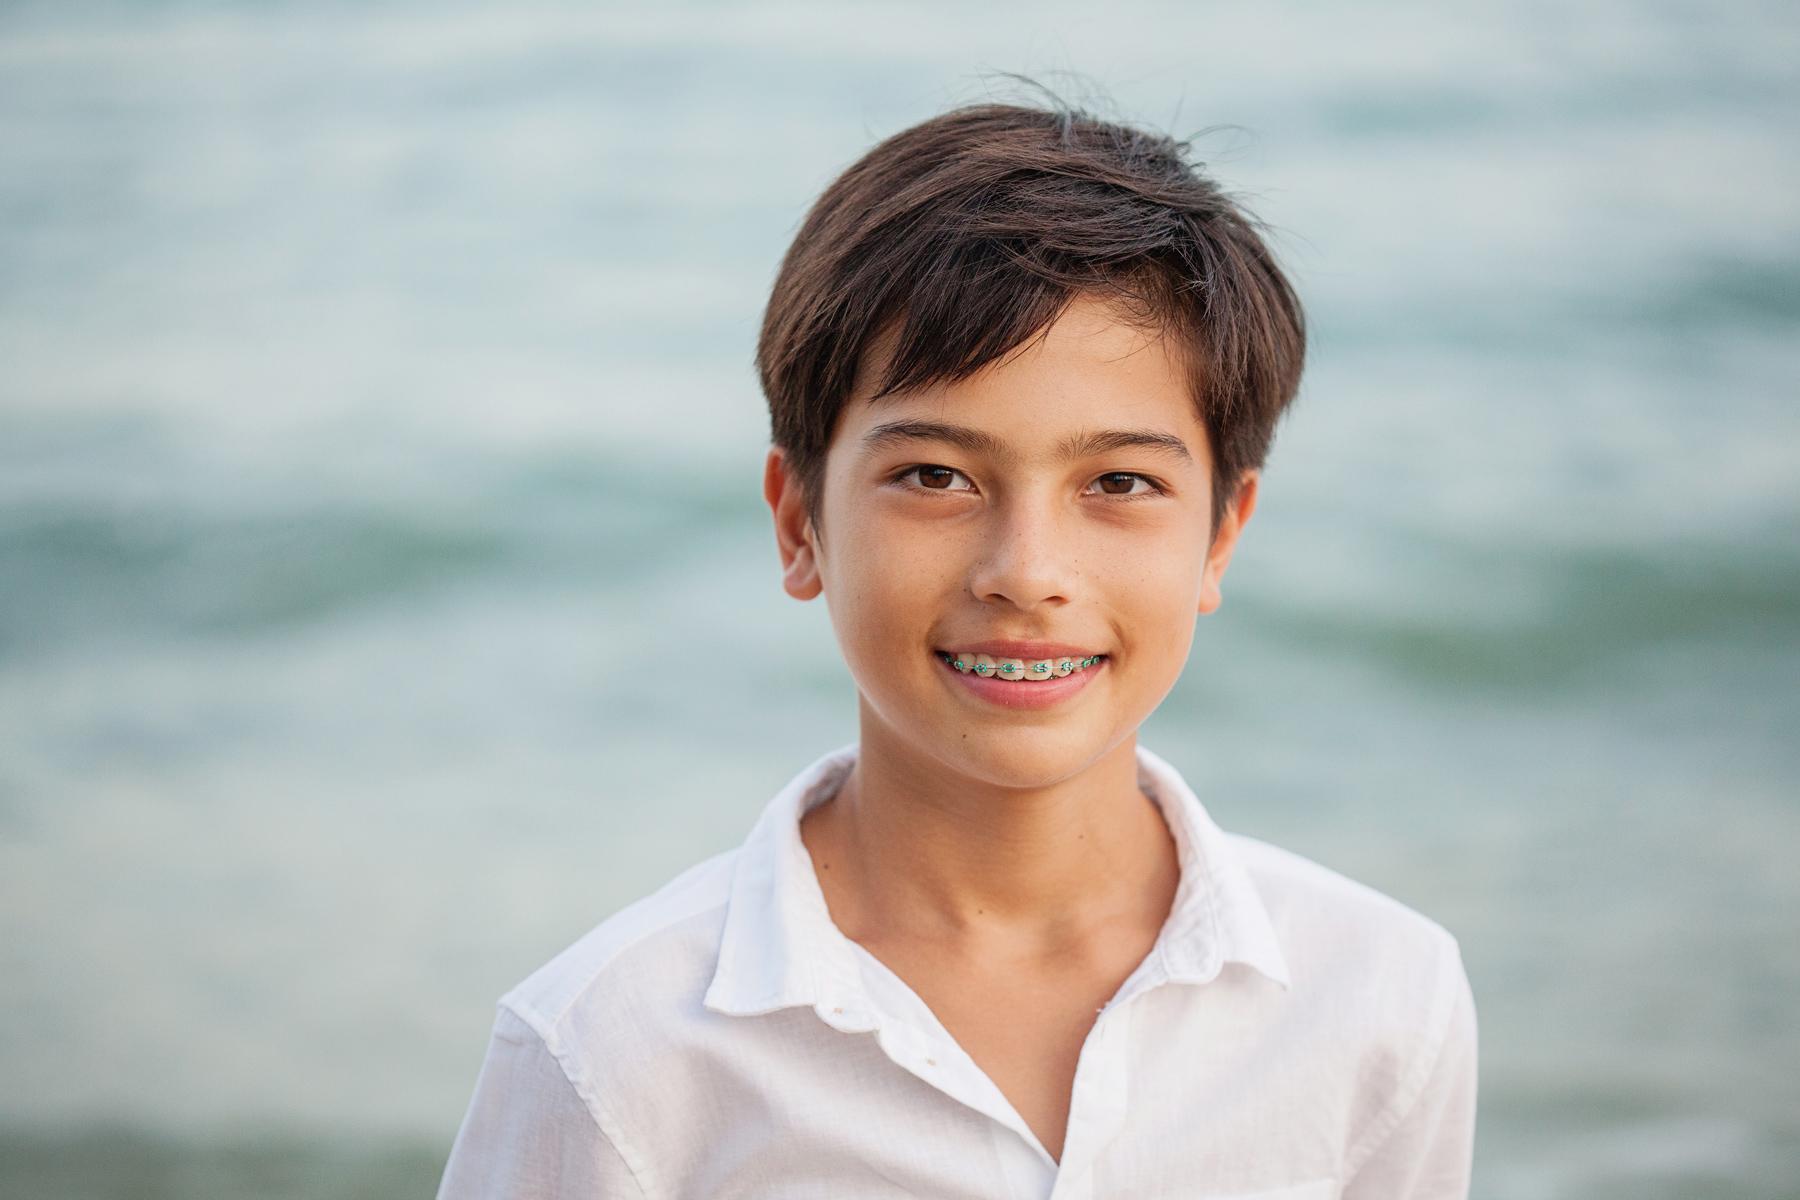 Children's portrait at the beach